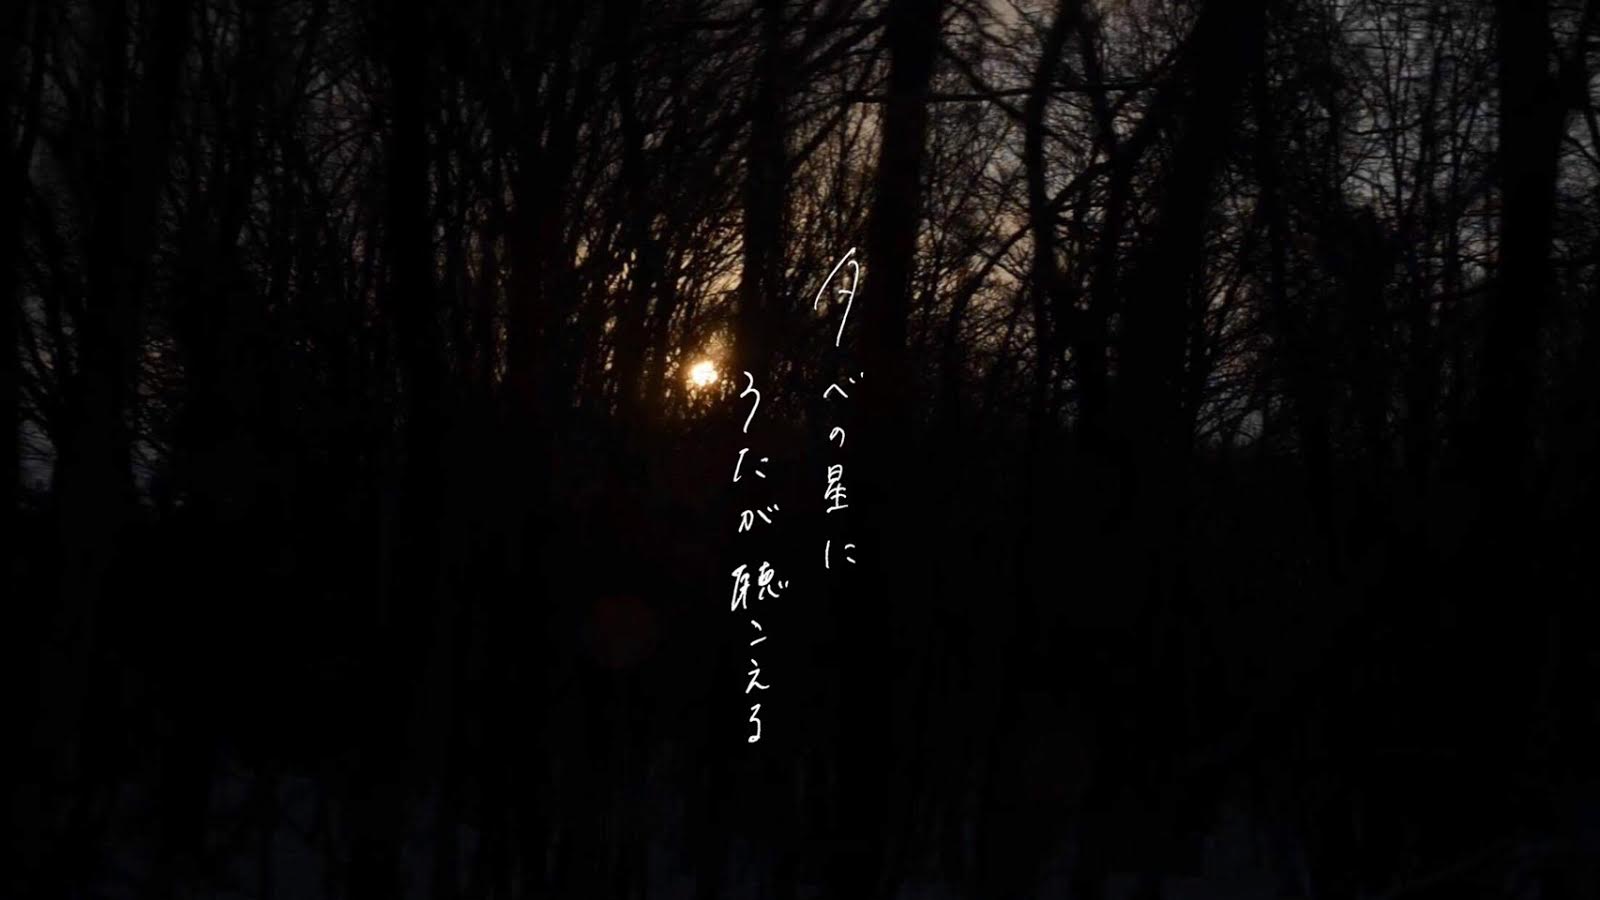 arca(LUCA×haruka nakamura)guest 田辺玄 「夕べの星に うたが聴こえる」  未草10周年アルバム発売記念演奏会